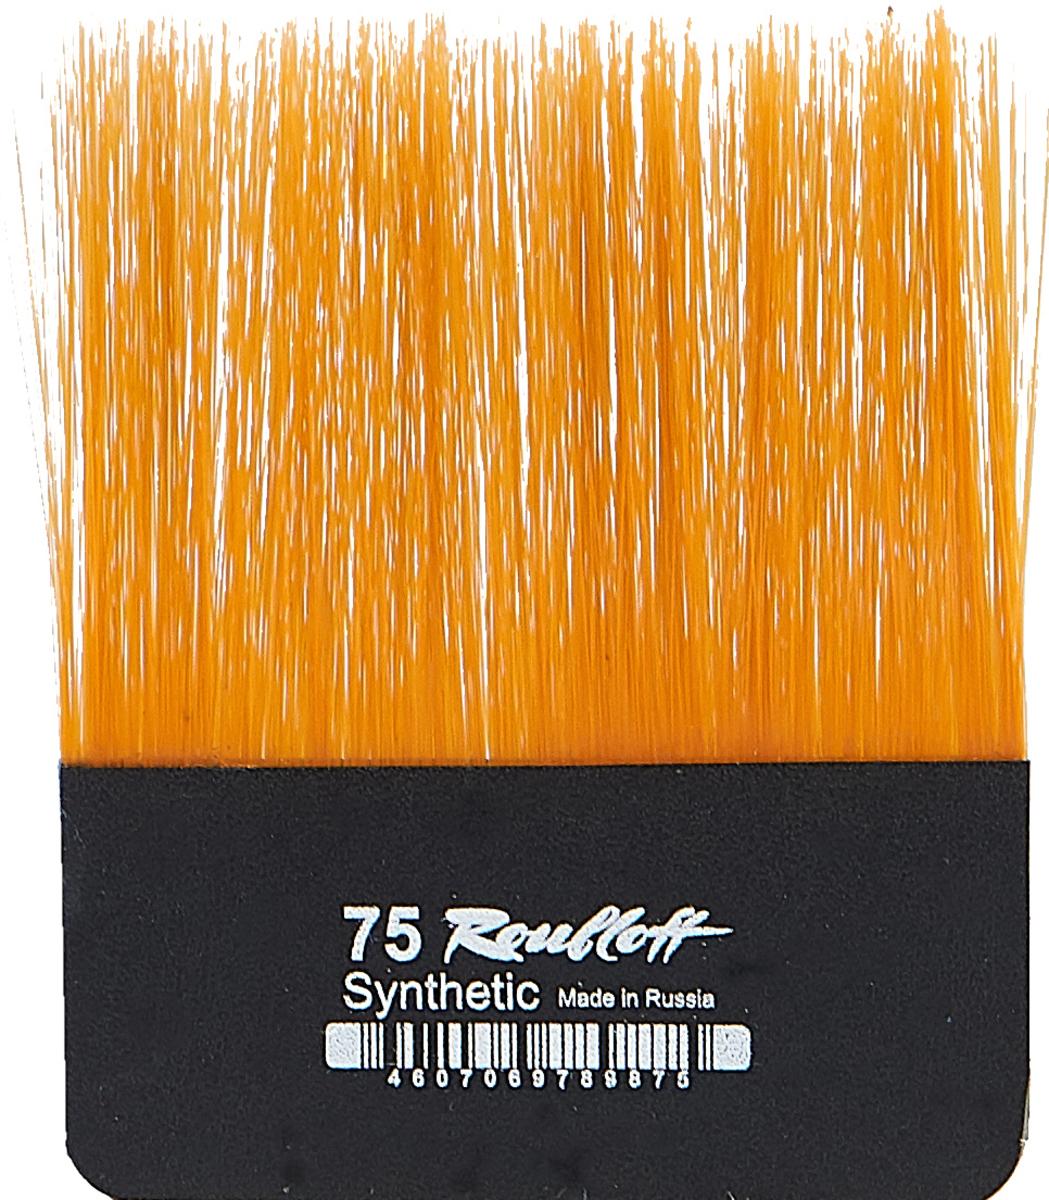 Roubloff Кисть для работы с золотом синтетика № 75 roubloff кисть стилус для ipad